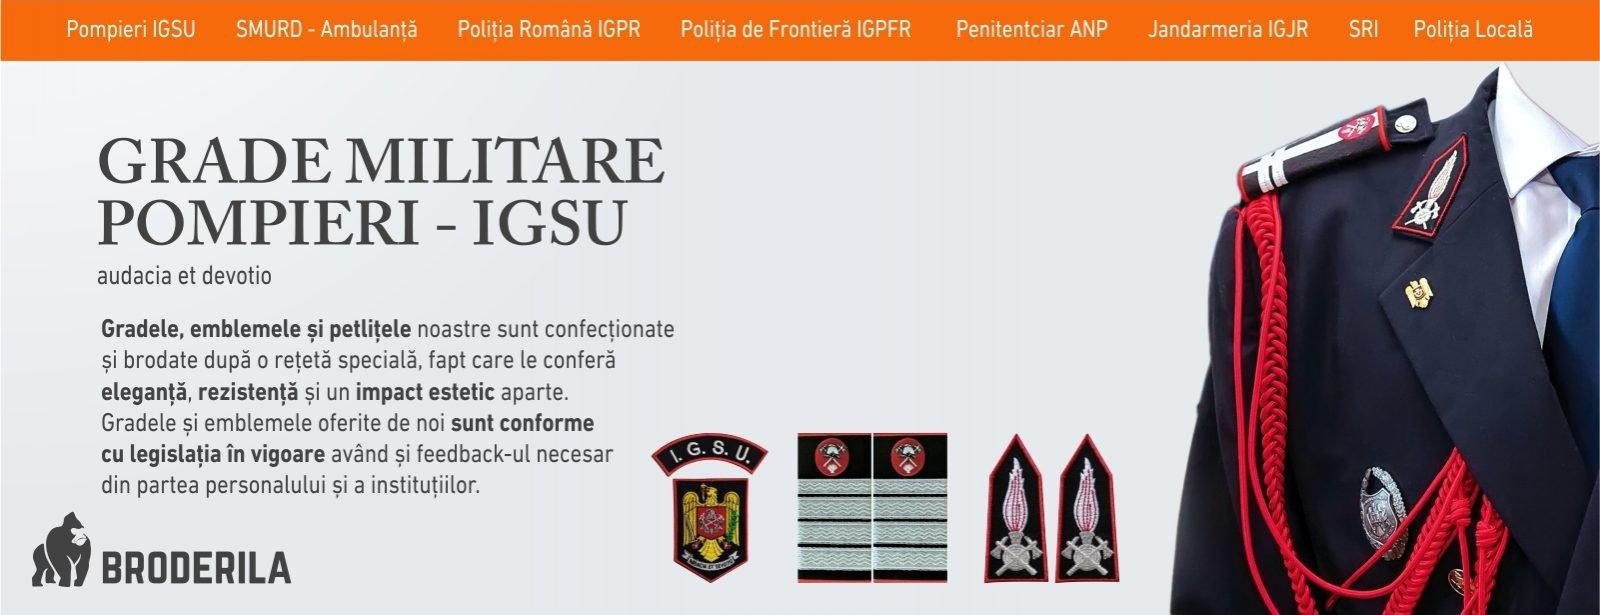 grade militare igsu pompieri emblema brodata pompieri igsu grade brodate pompieri